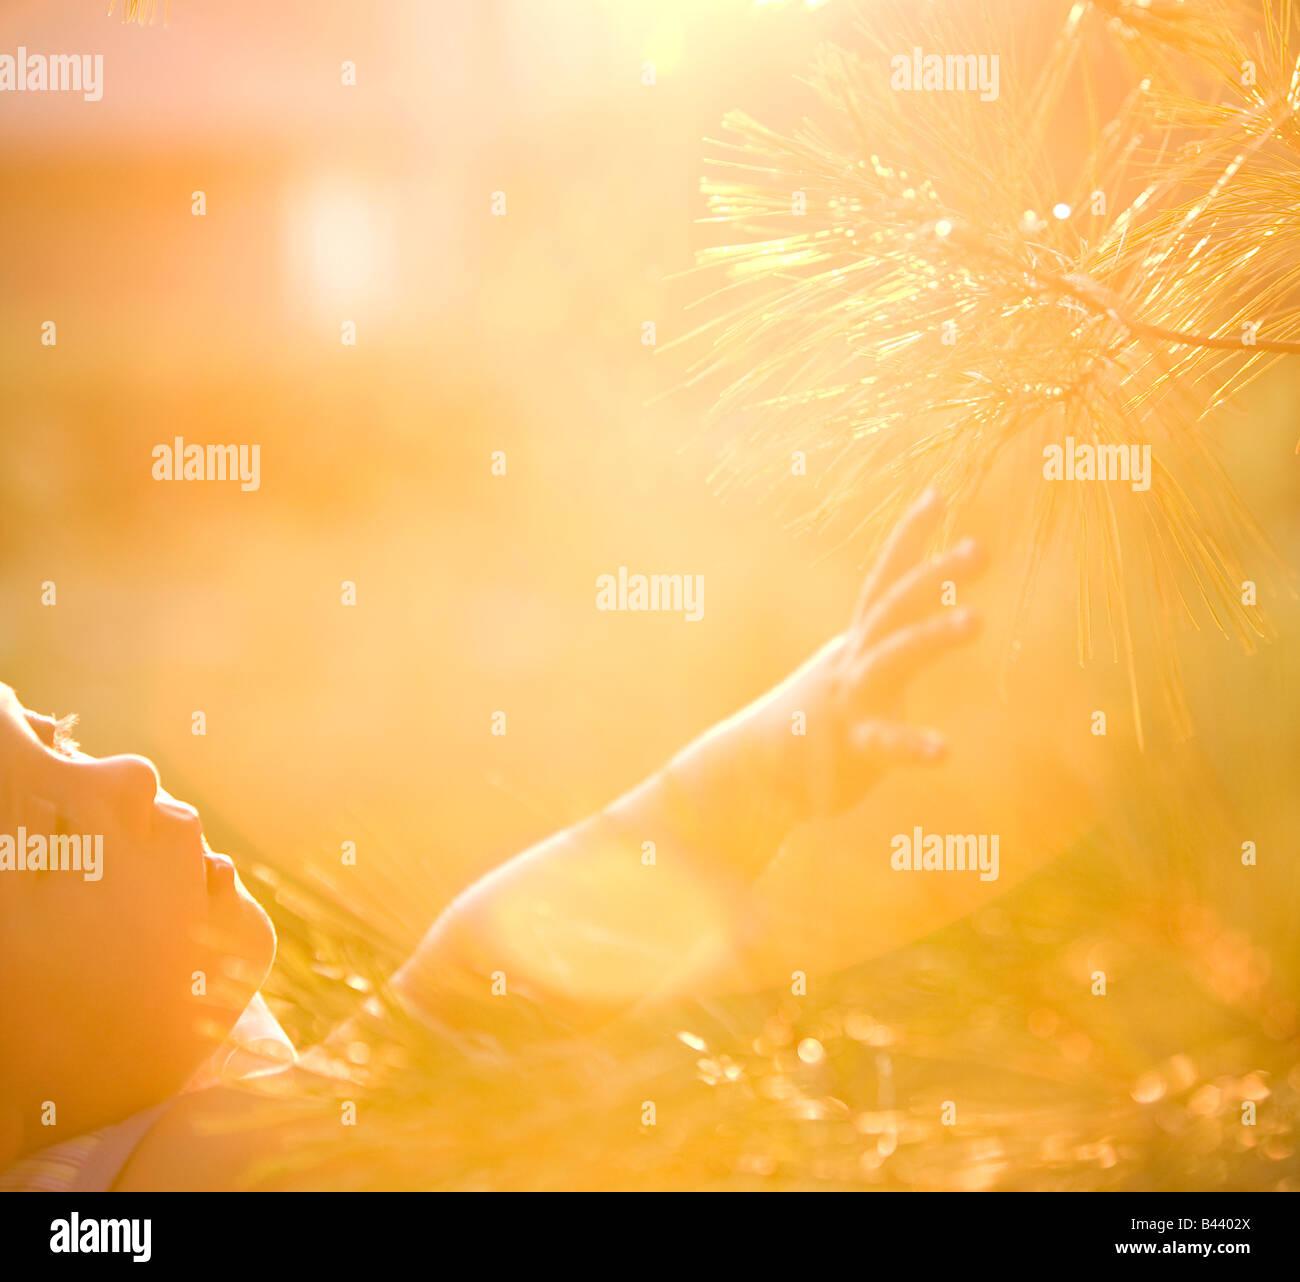 Jeune garçon sentiment branches d'un arbre Photo Stock